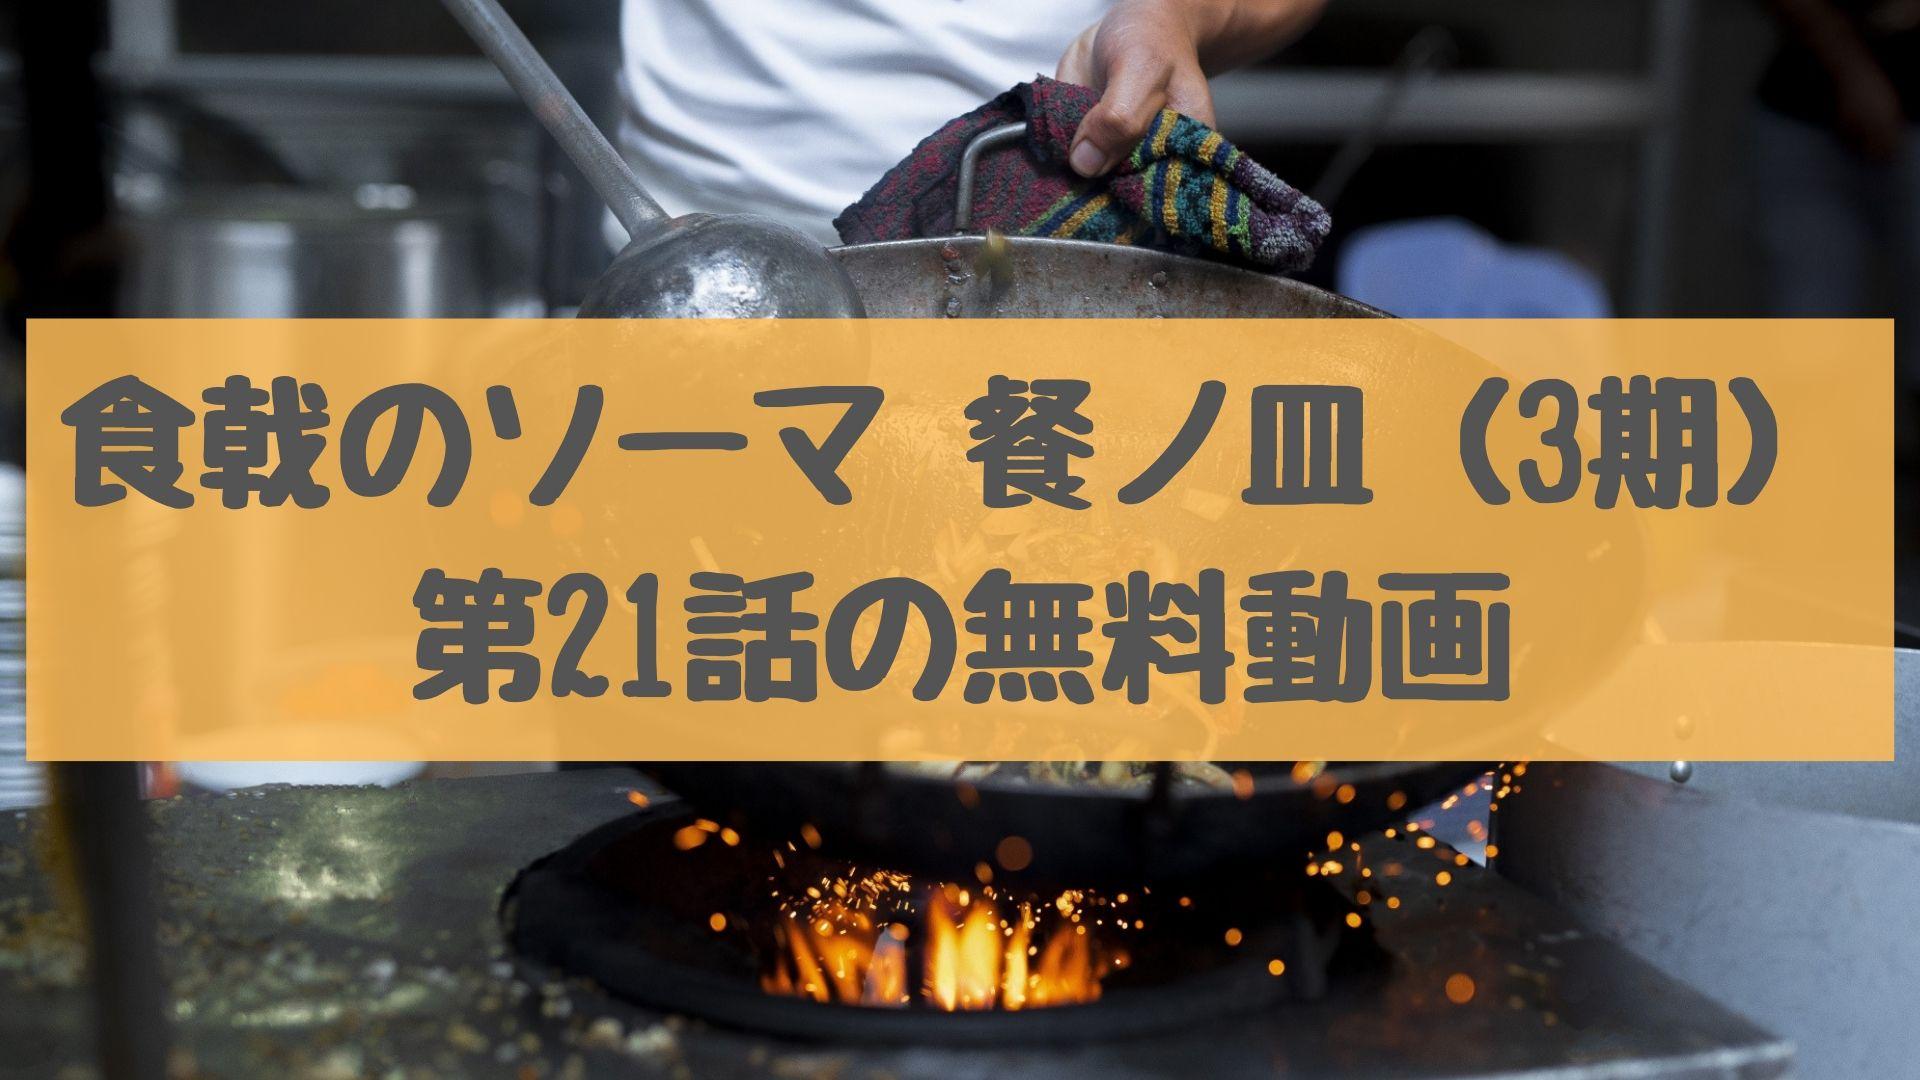 食戟のソーマ 餐ノ皿(3期)「遠月列車篇」 第21話の無料動画